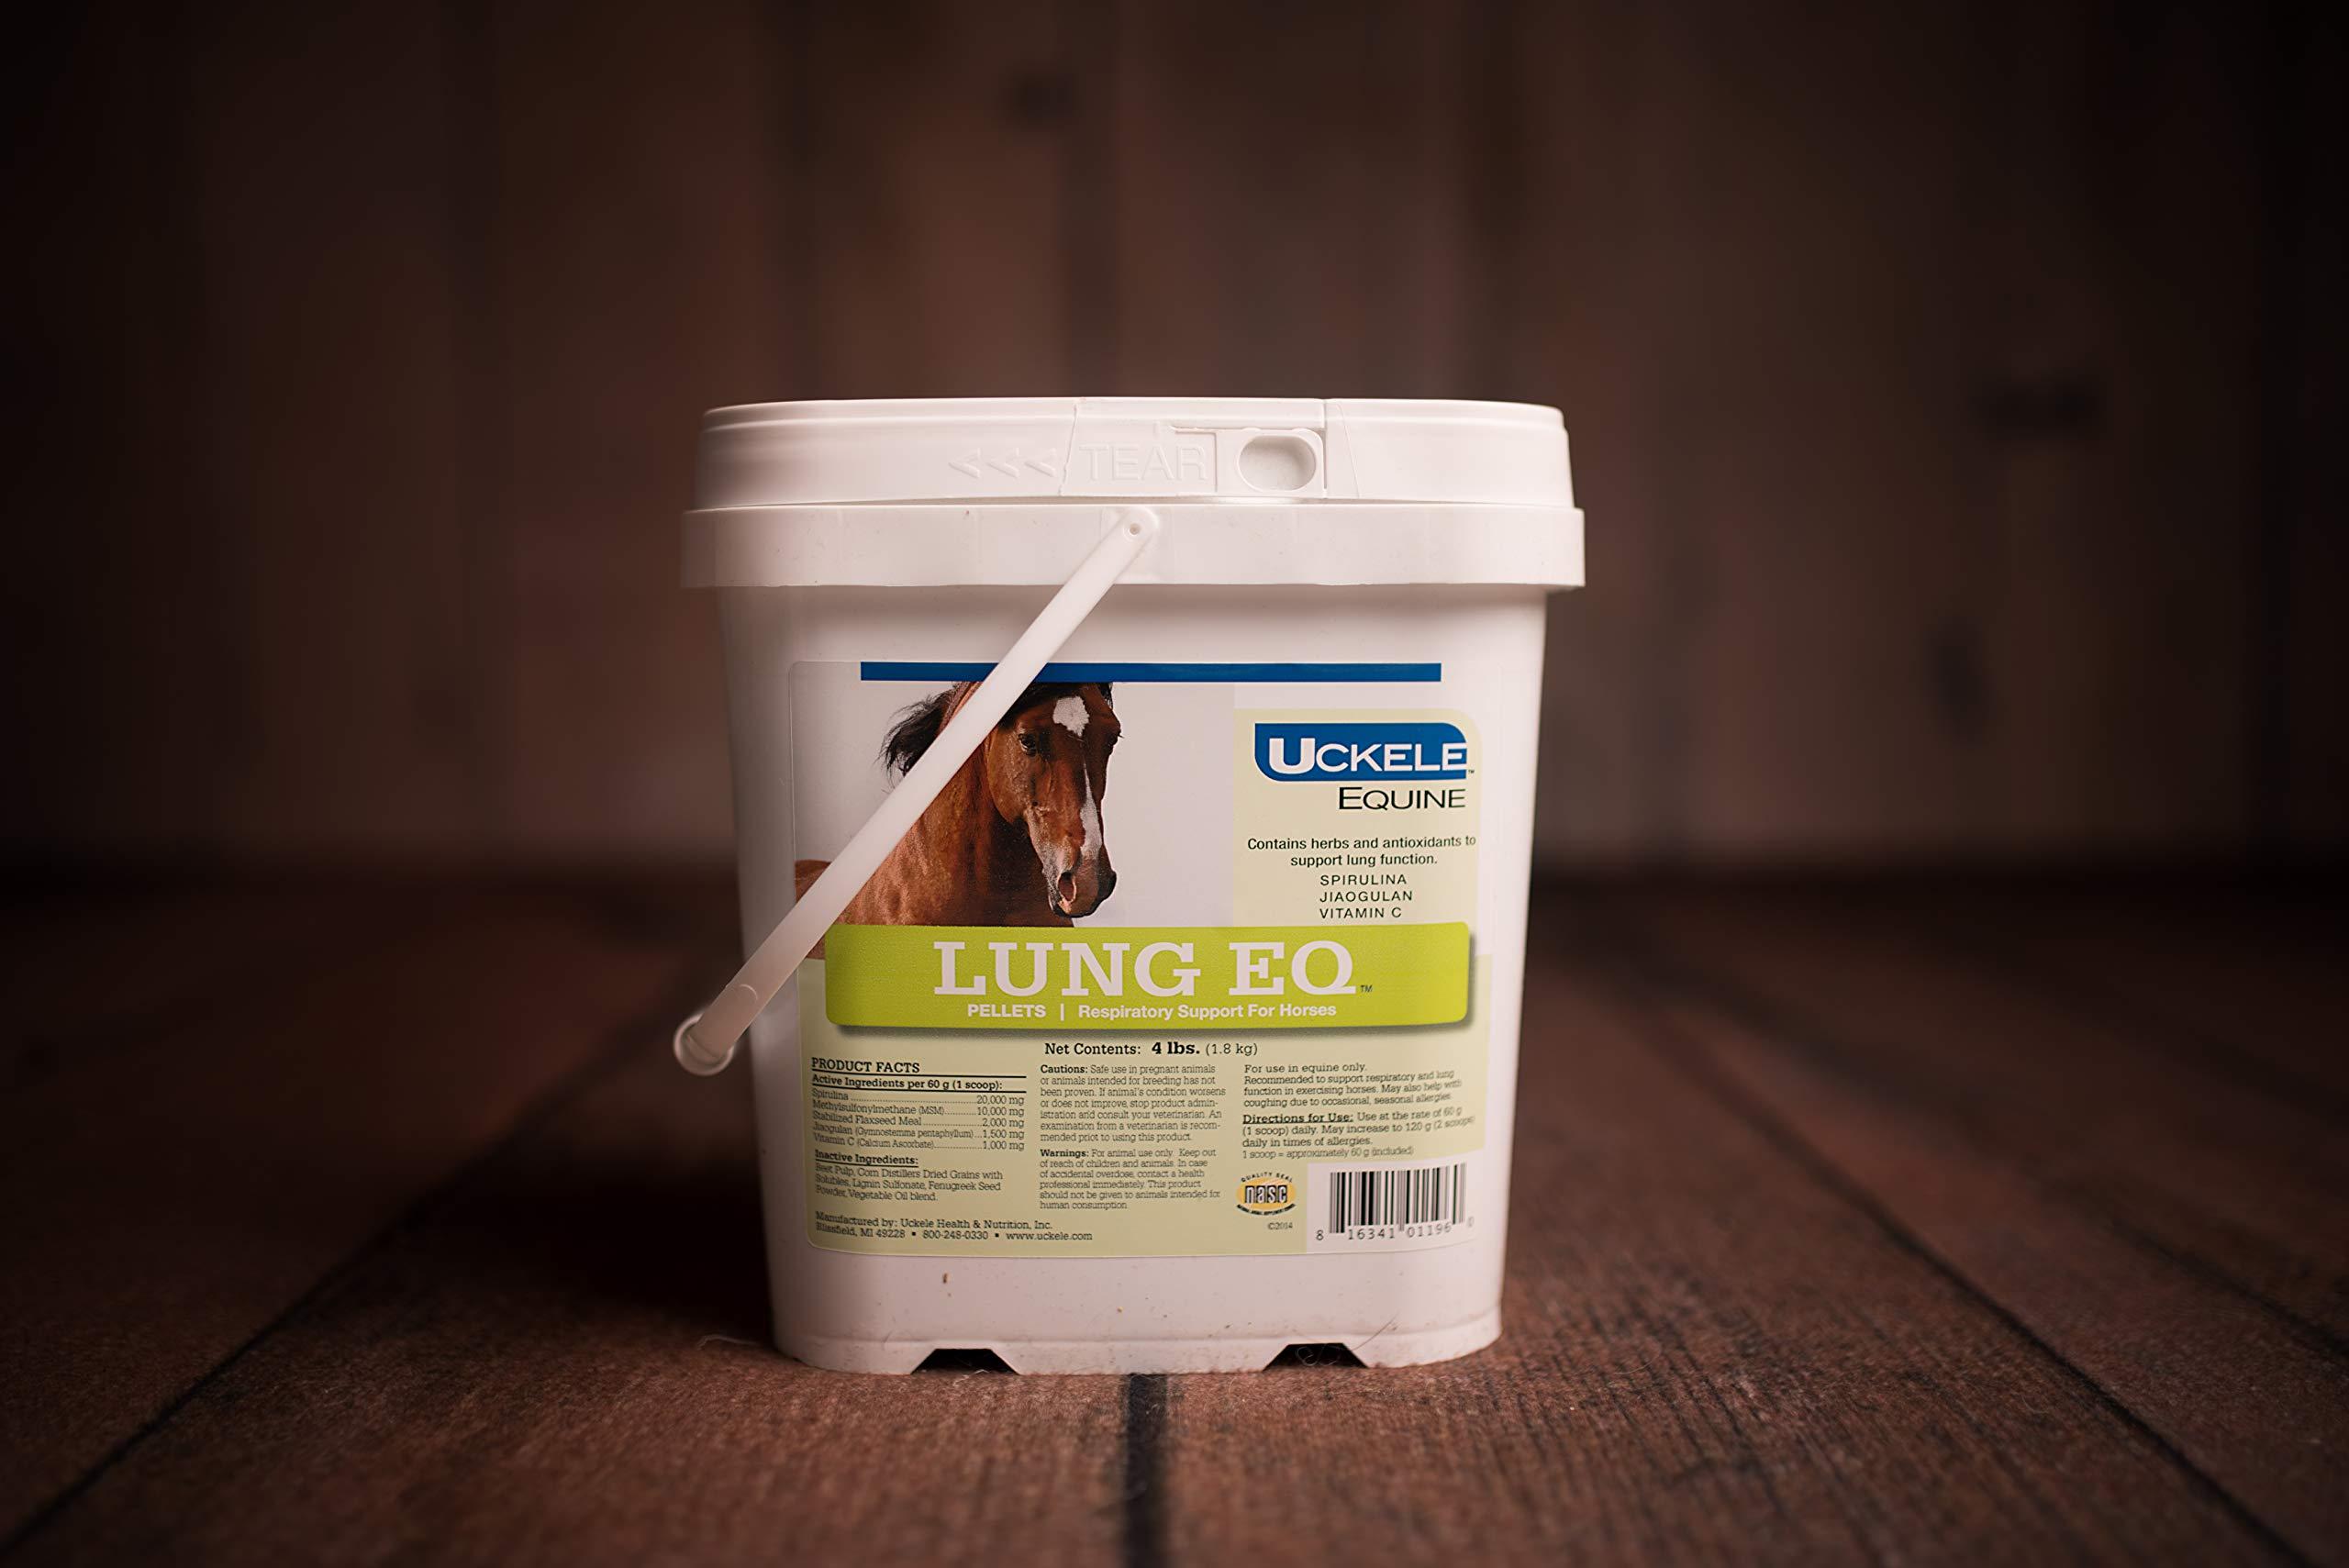 Uckele Lung EQ 4 lb by Uckele